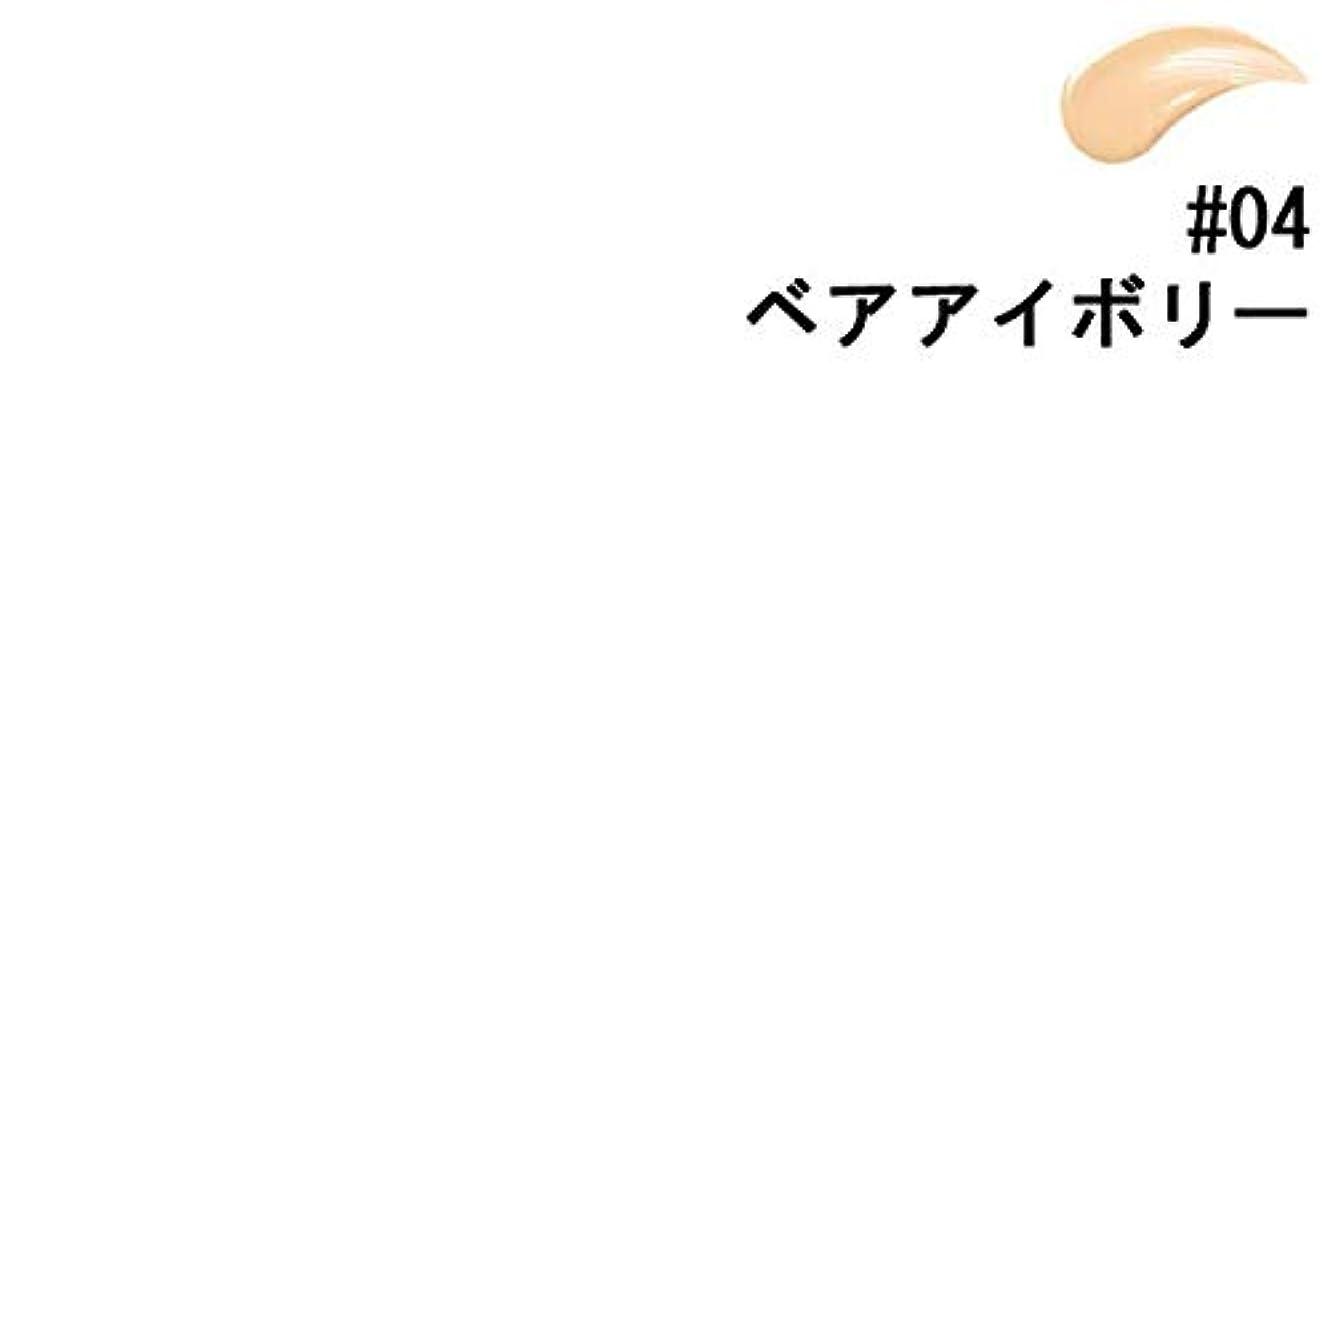 ドルクライストチャーチ五月【ベアミネラル】ベアミネラル ベア ファンデーション #04 ベアアイボリー 30ml [並行輸入品]